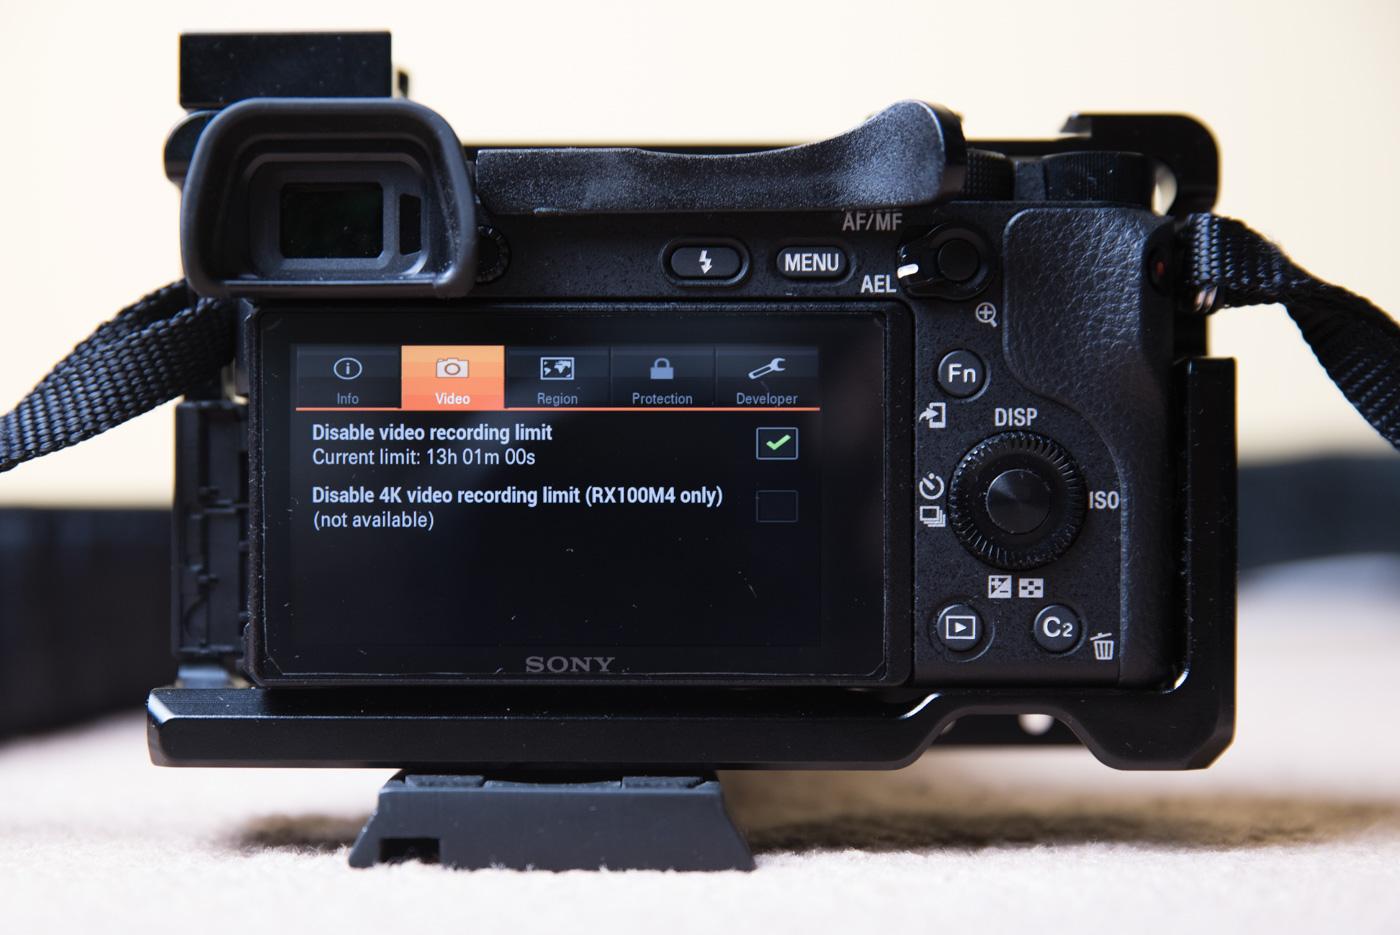 czas nagrywania w aparatach sony - 30 minut.